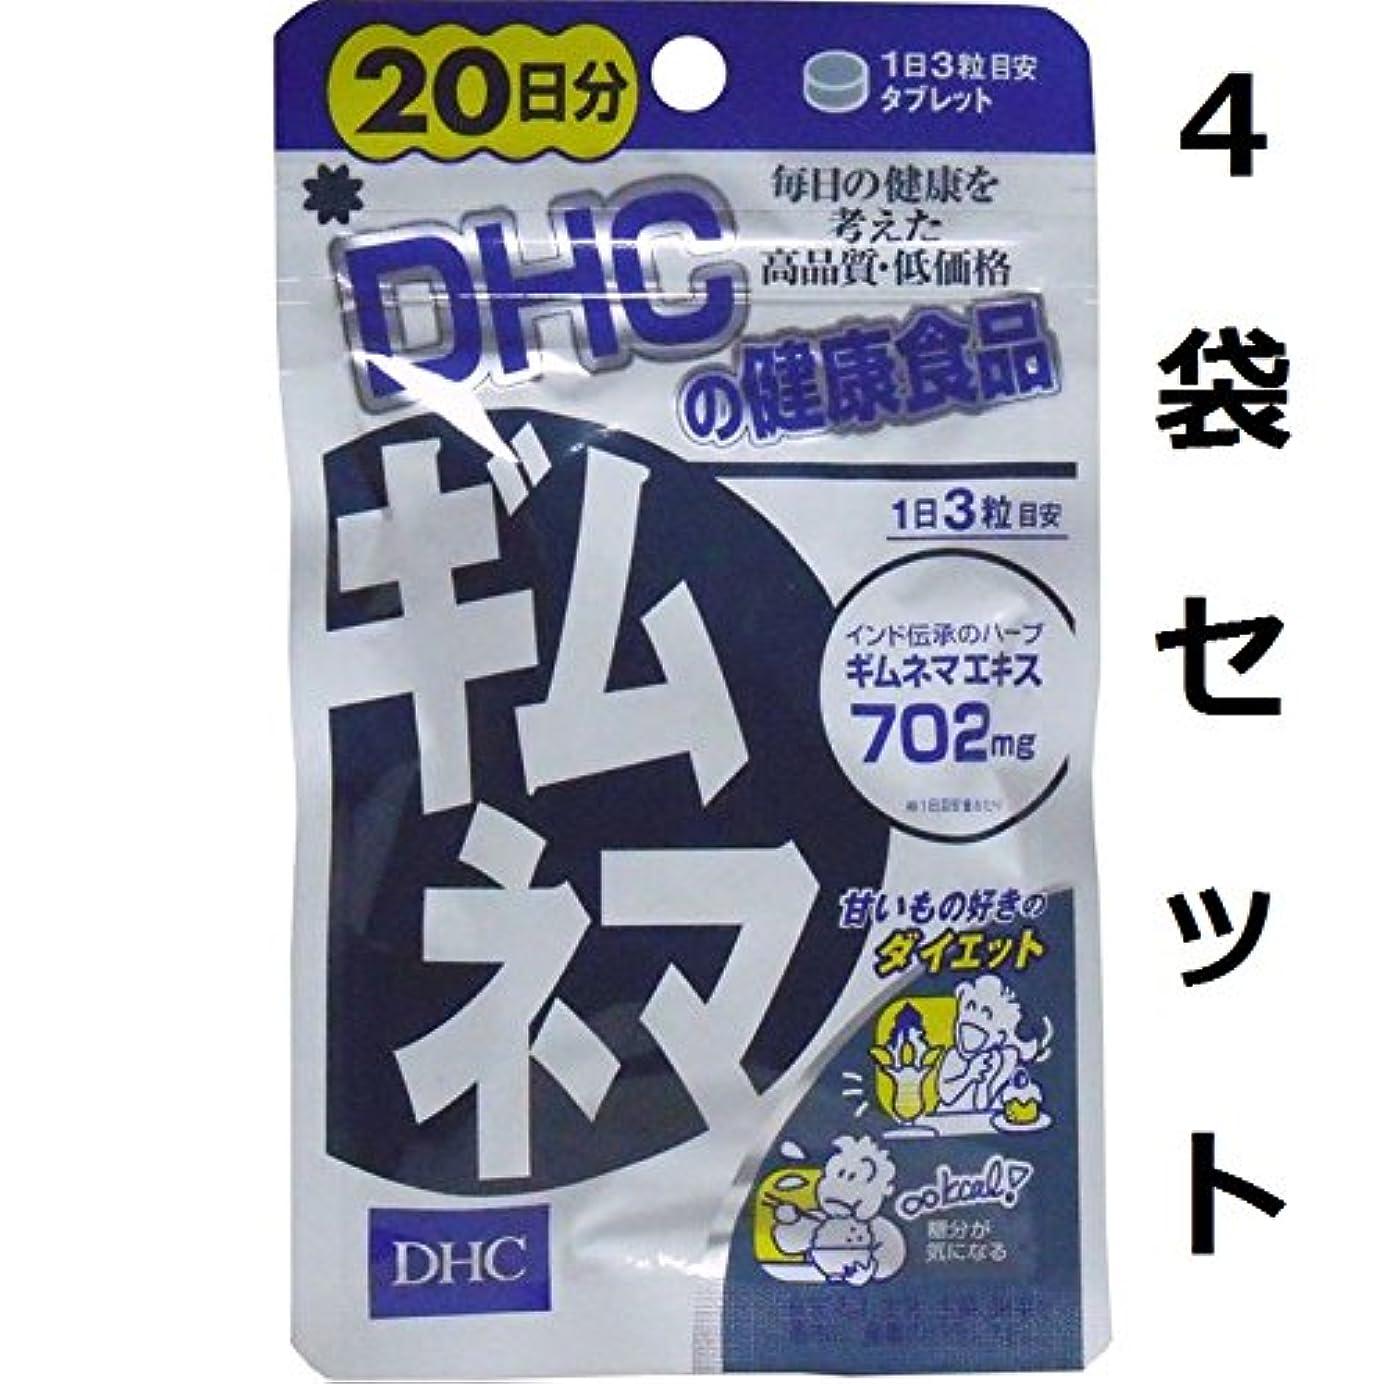 礼拝天文学テスピアン糖分や炭水化物を多く摂る人に DHC ギムネマ 20日分 60粒 4袋セット